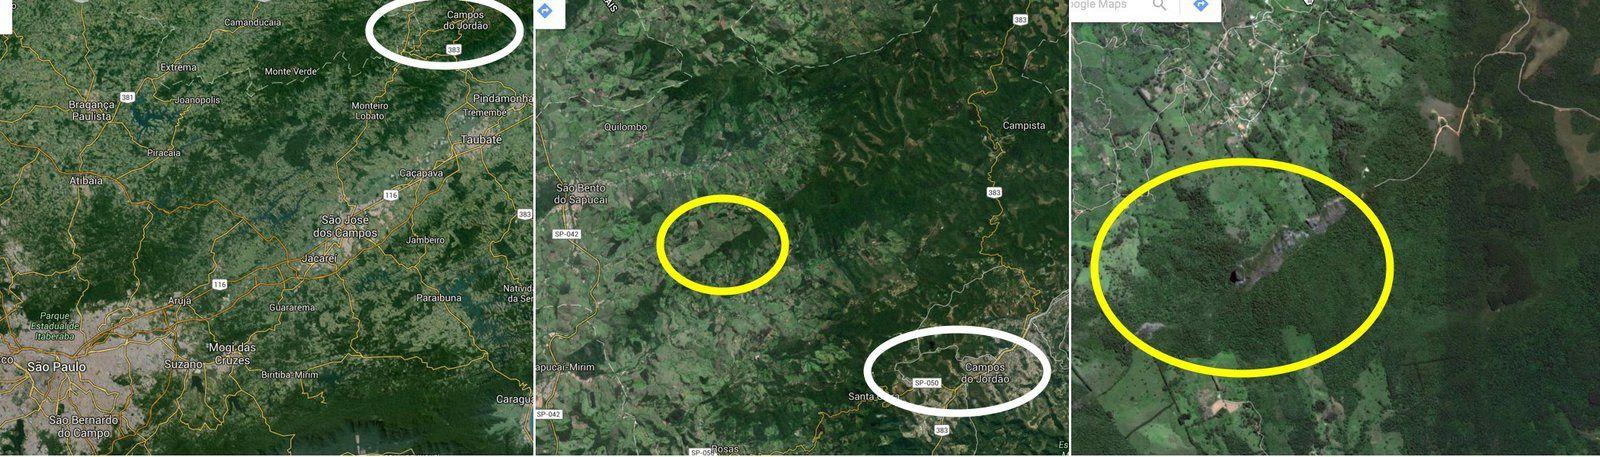 les trois rochers sont alignés NE/SO&#x3B; en partant de l'Est, qui est le point de départ de la randonnée pédestre, on trouve Bauzinho, Pedra do Bau, puis plus loin et plus petit, Ana Chata (SO).